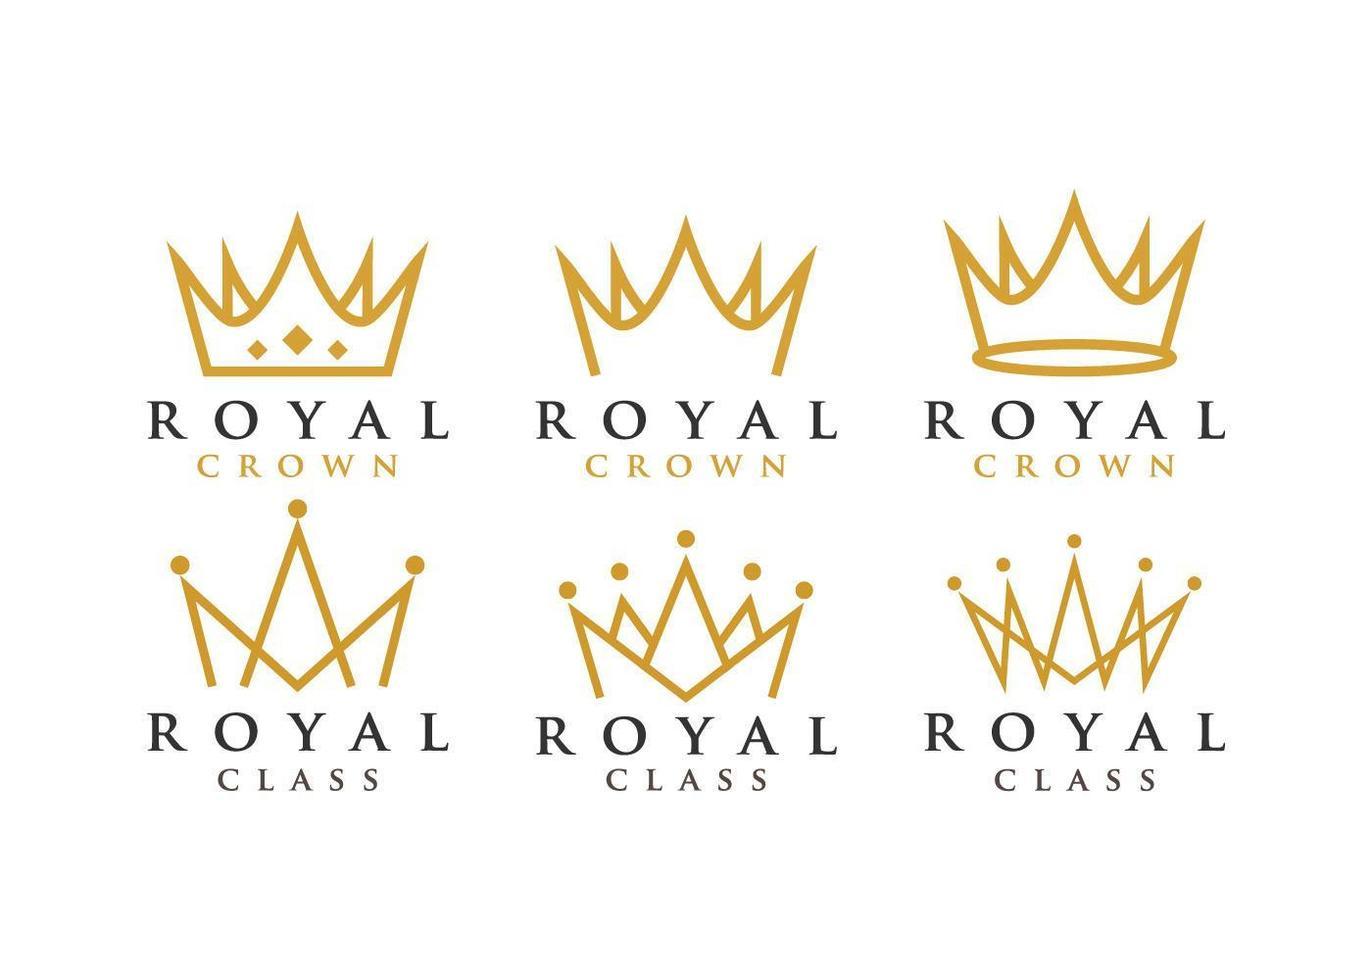 conjunto de logotipo de corona real vector